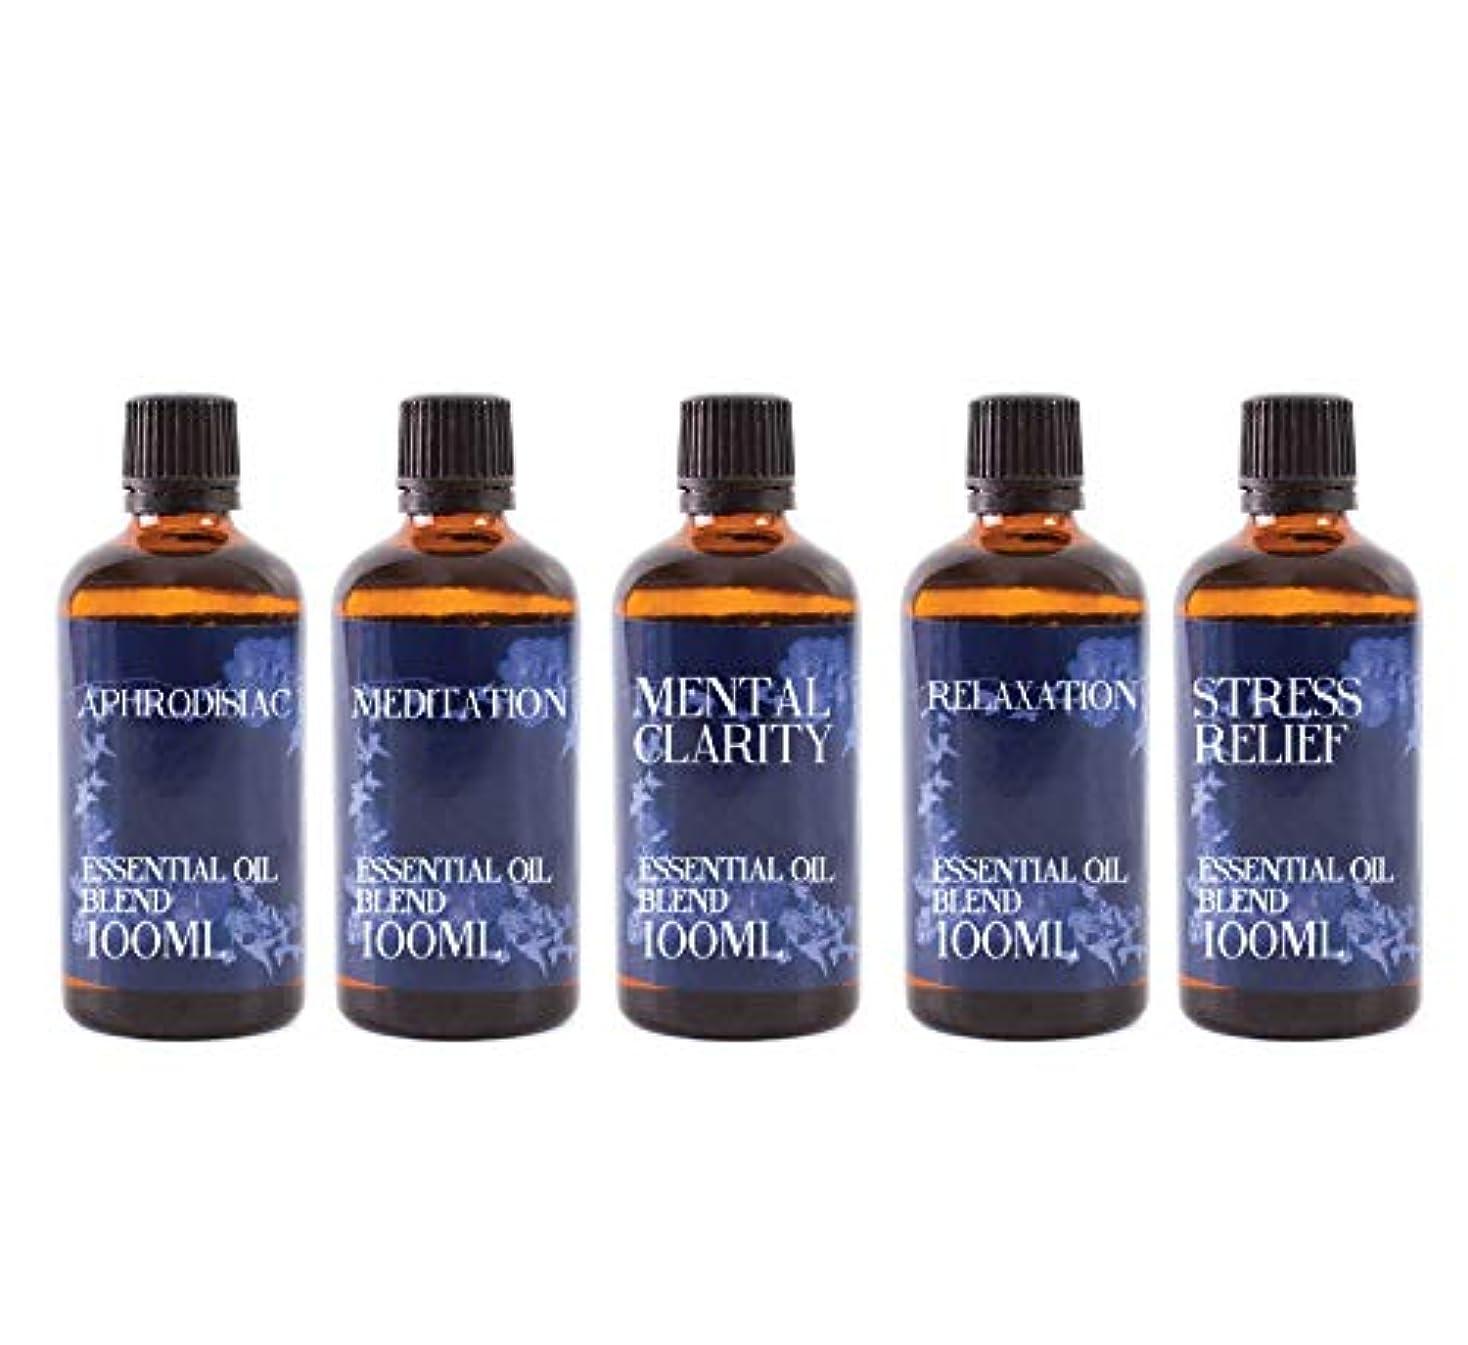 落ち着いて業界連帯Mystix London | Gift Starter Pack of 5 x 100ml - Modern Day Remedies - Essential Oil Blends